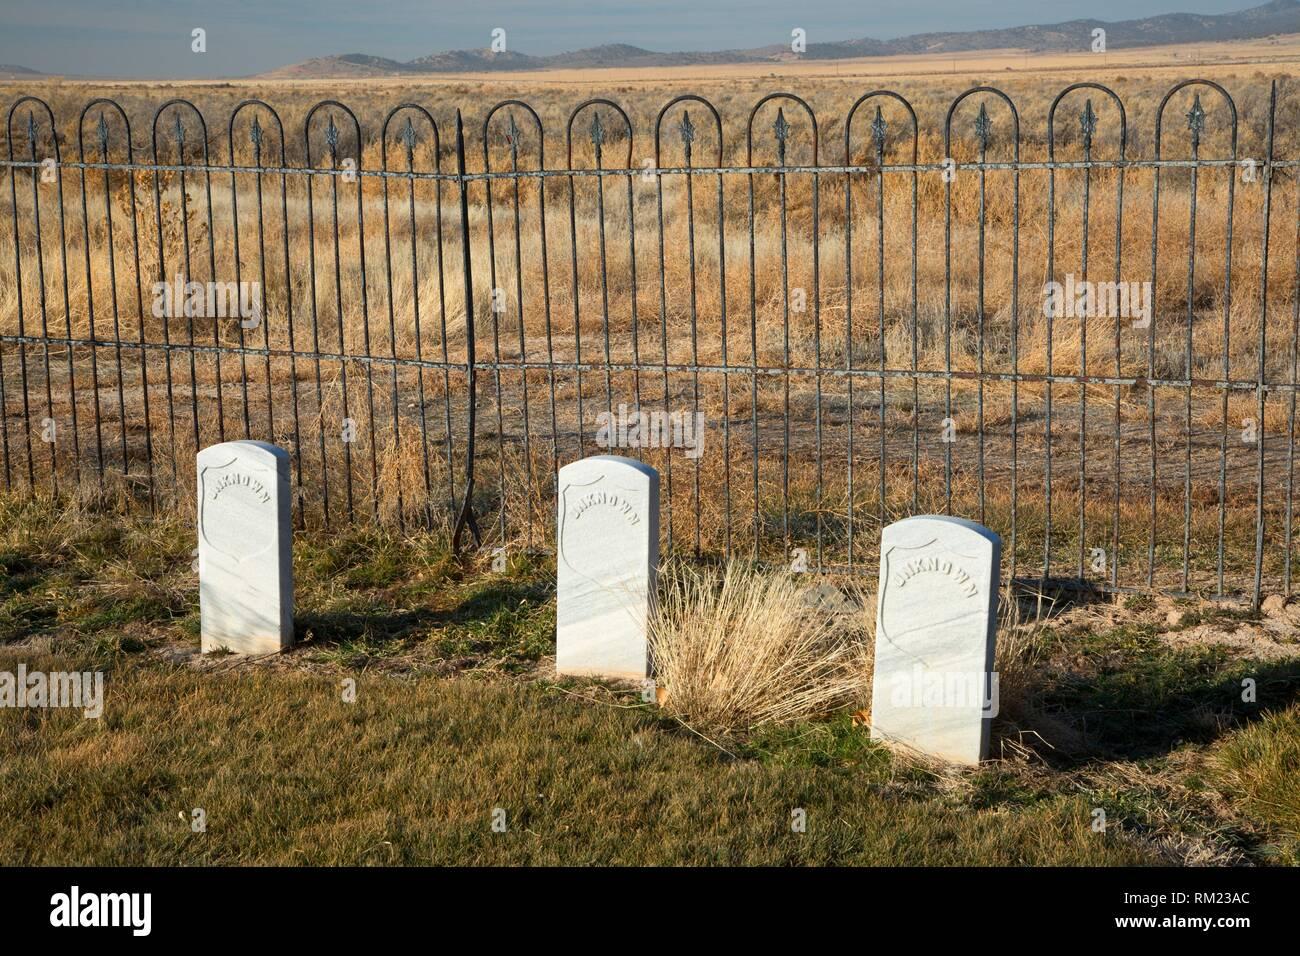 Camp Floyd Friedhof, Camp Floyd State Park Museum, Utah. Stockbild